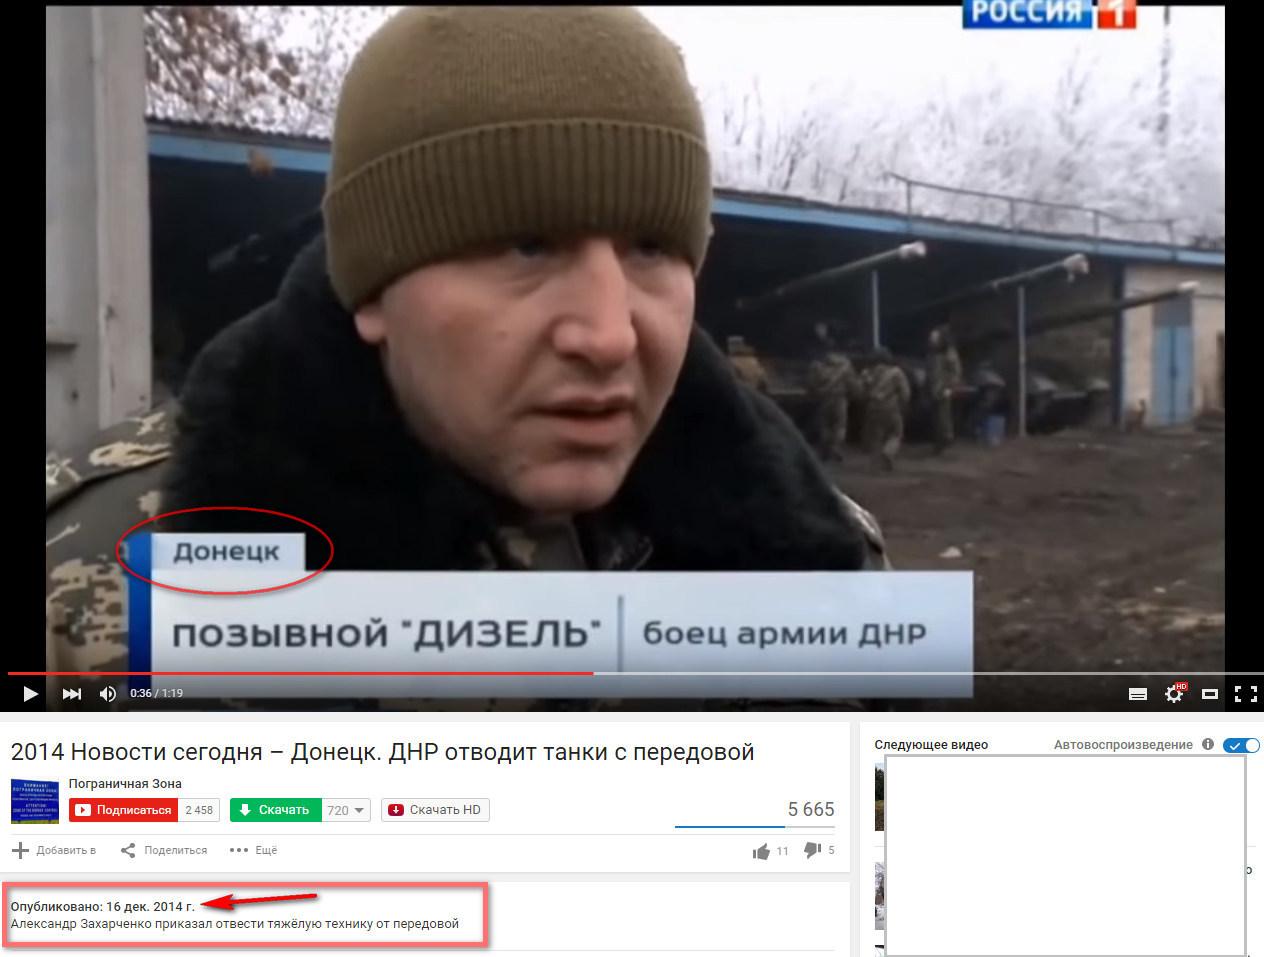 2015-11-09_141225-донецк